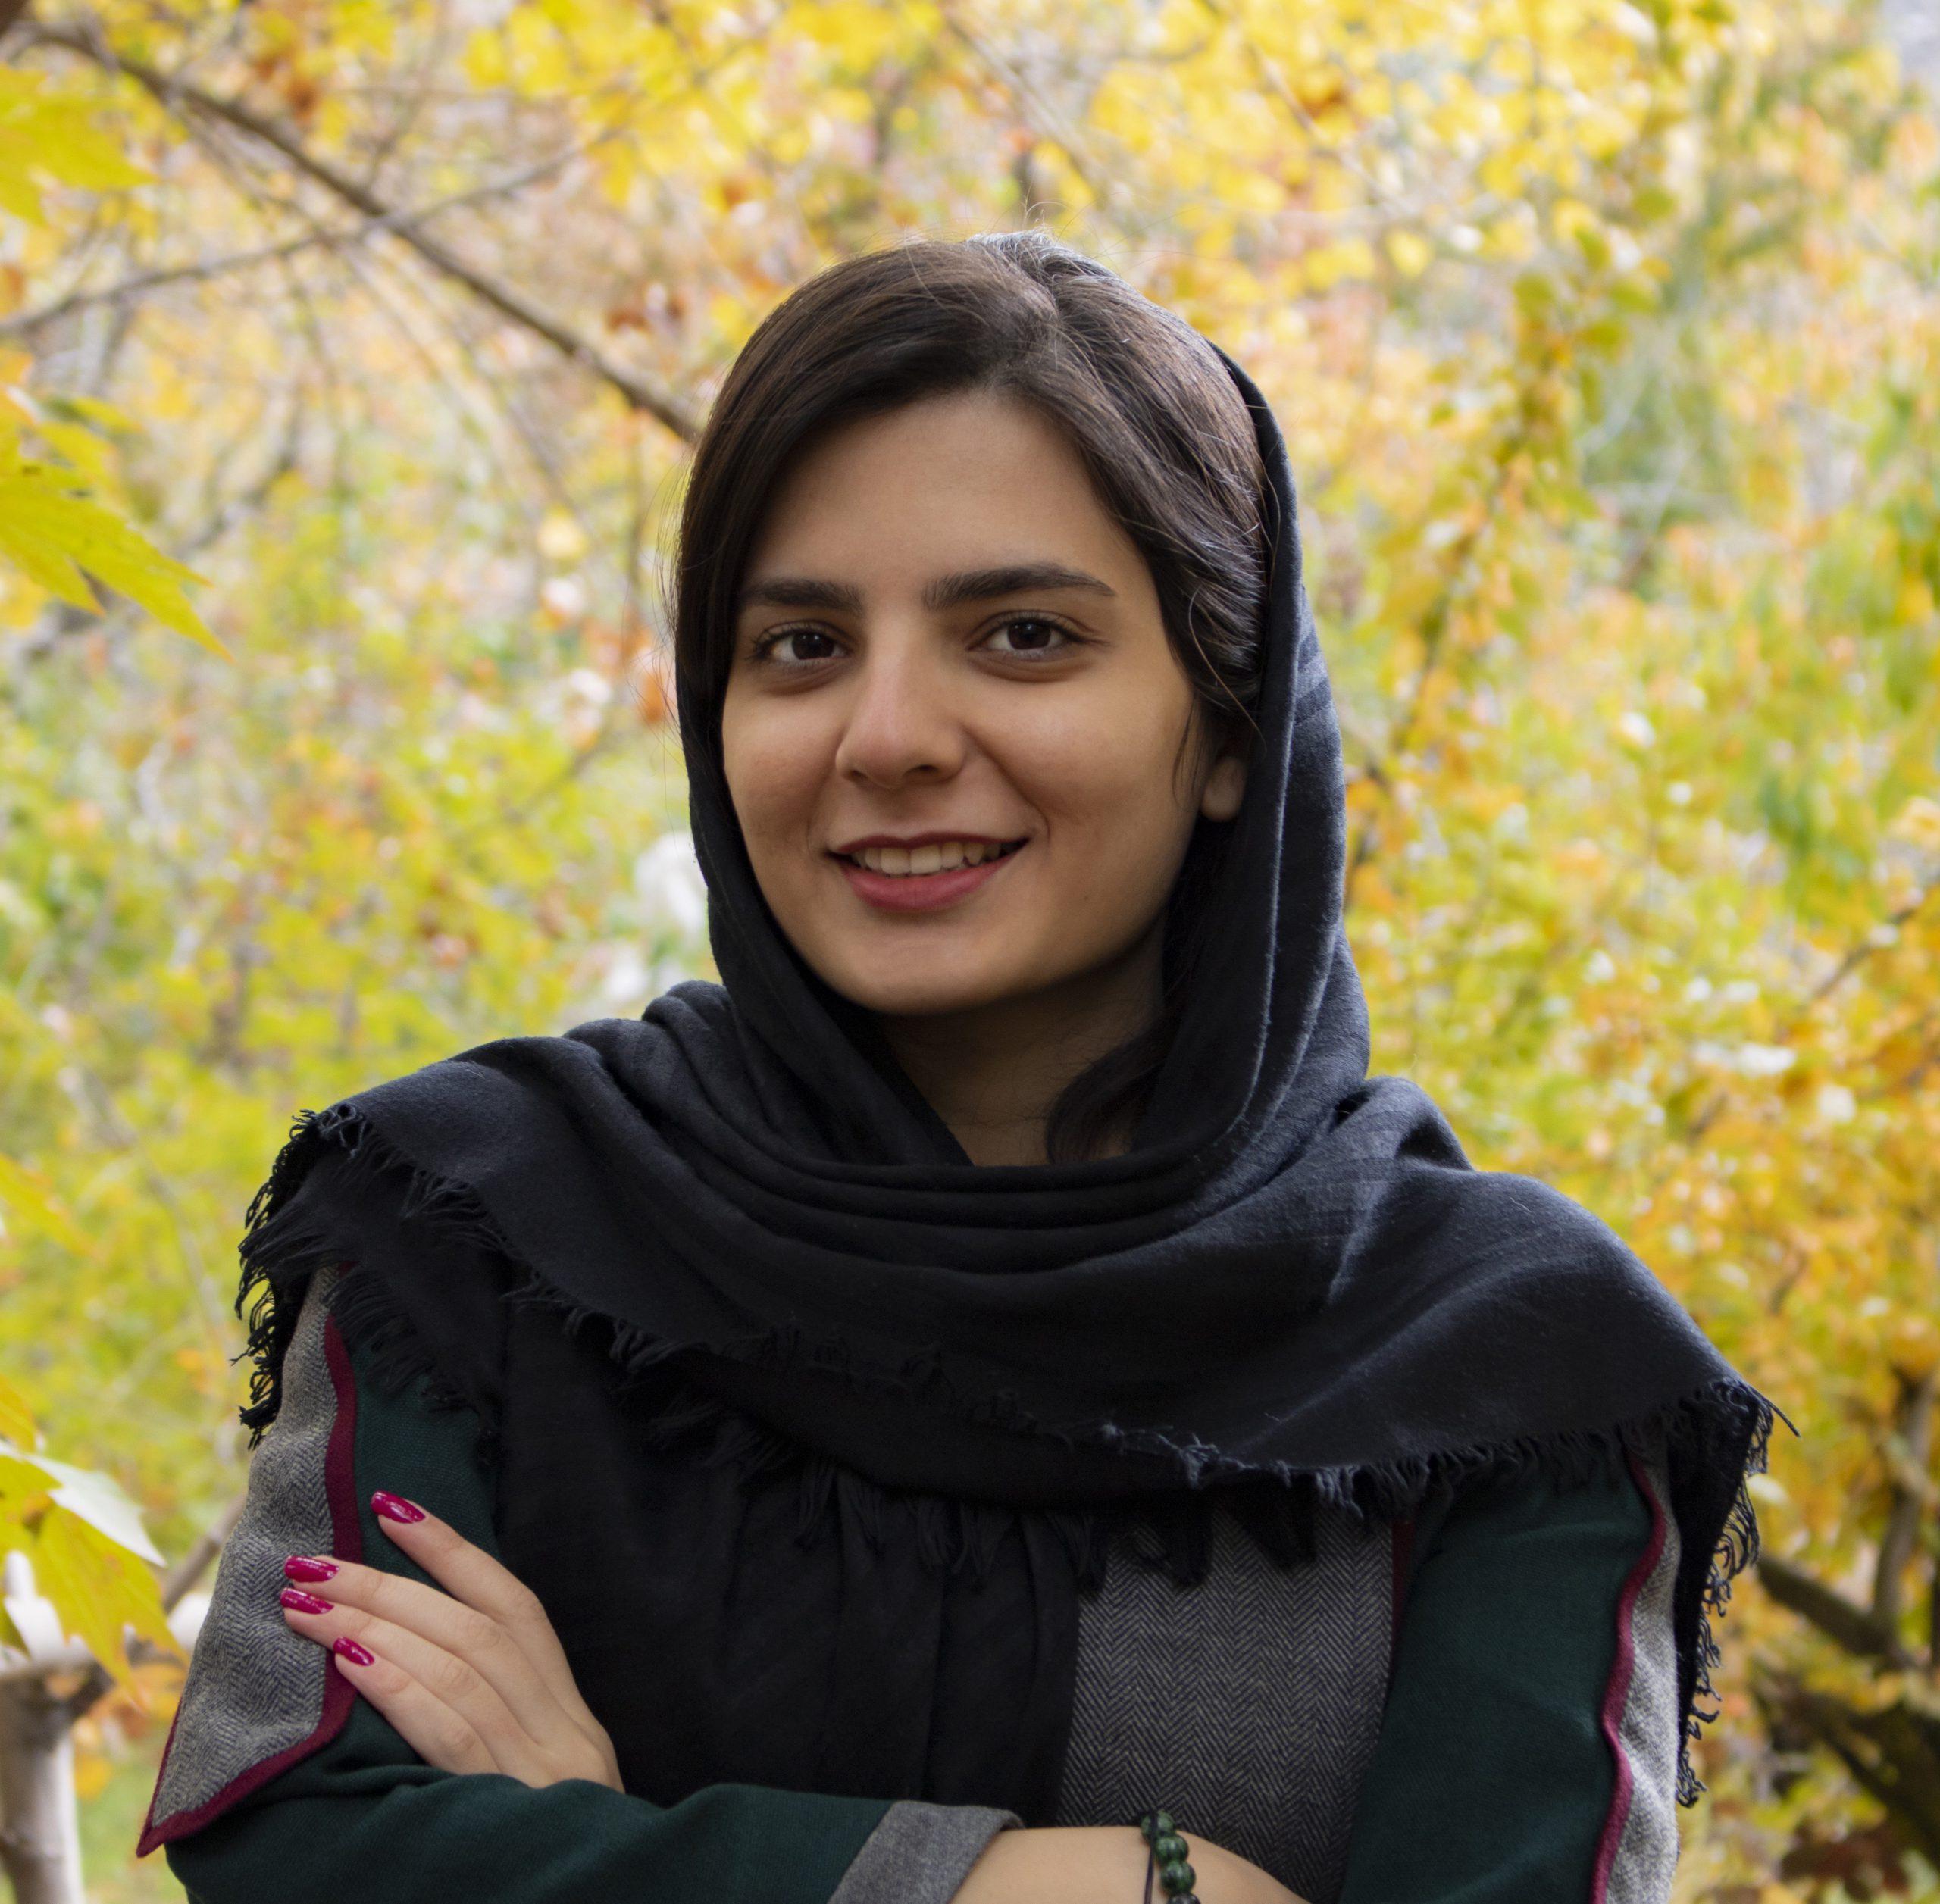 سپیده شریفی